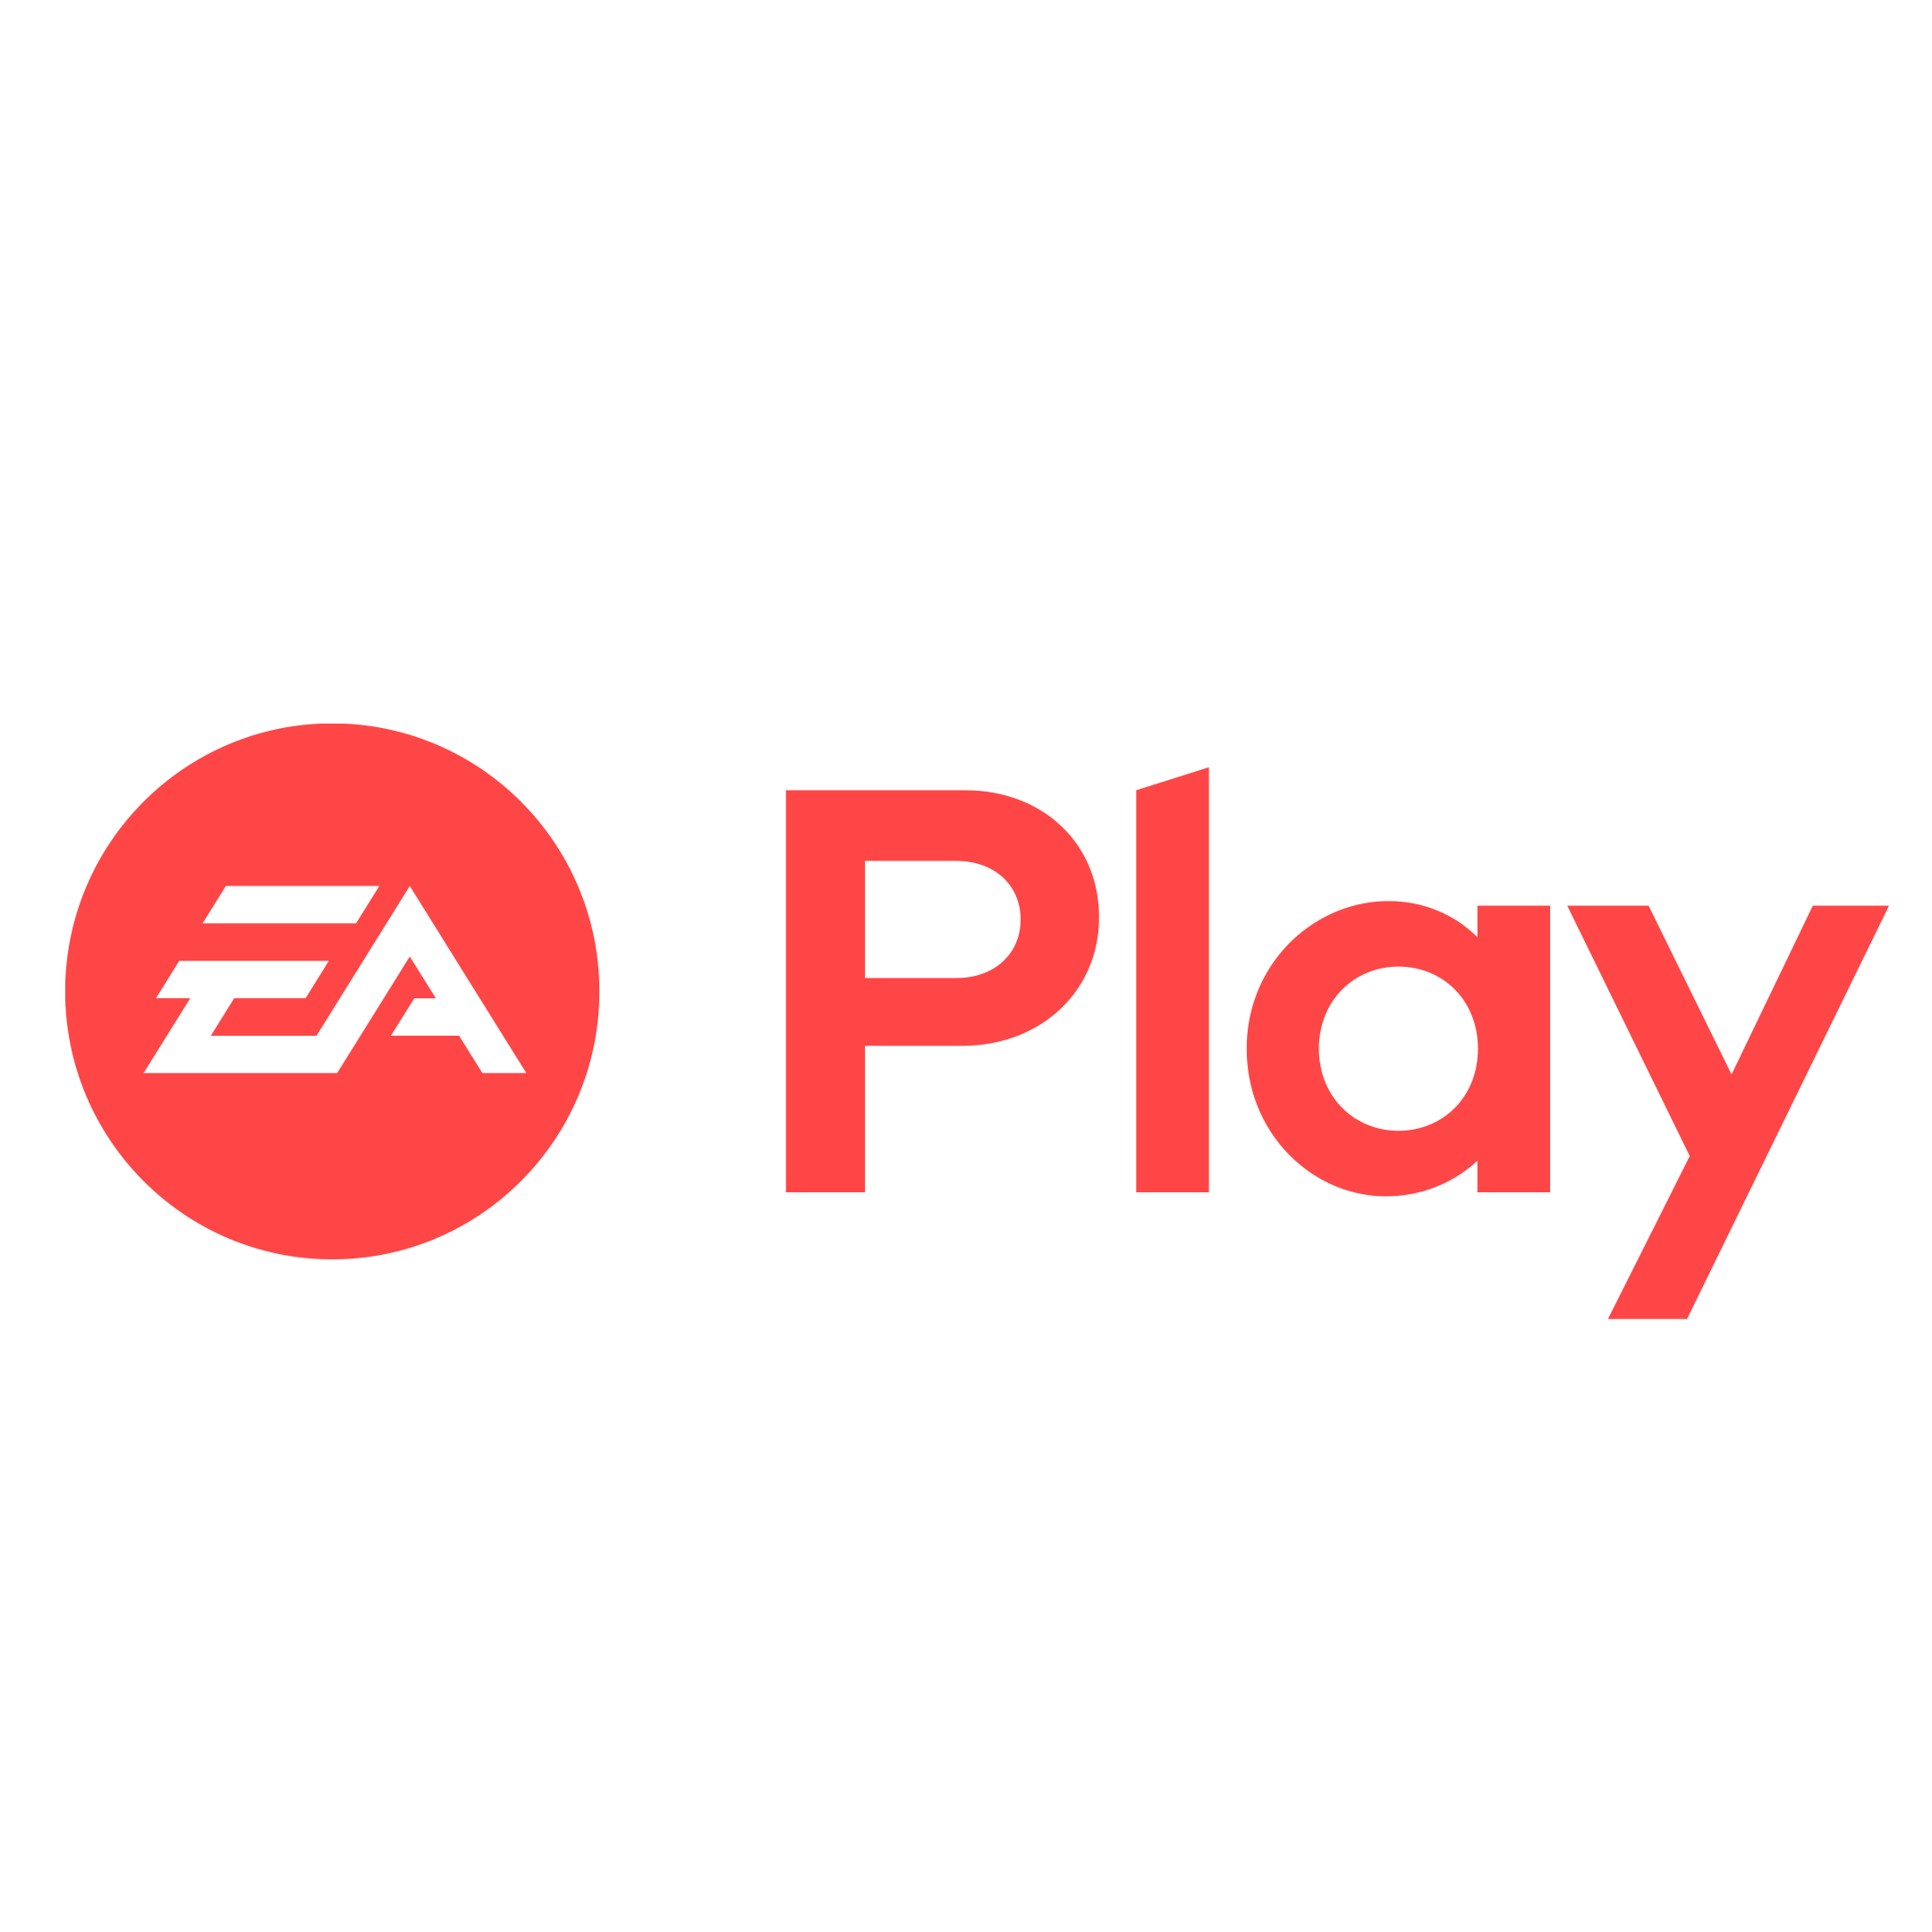 EA Play - Hero Logo